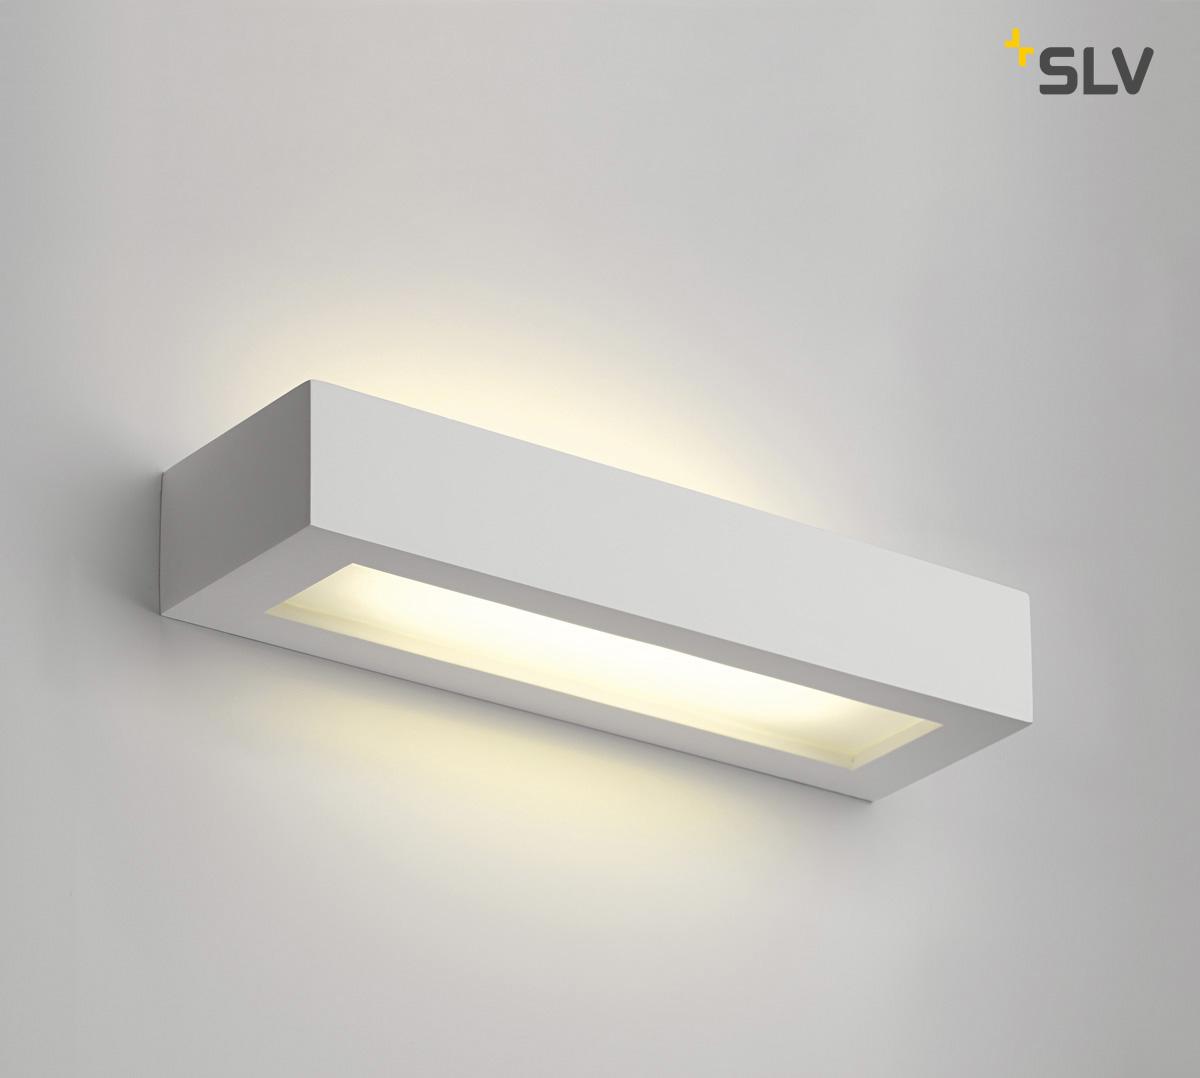 gips wandleuchte gl 103 t5 wei slv ks licht onlineshop leuchten aus essen. Black Bedroom Furniture Sets. Home Design Ideas